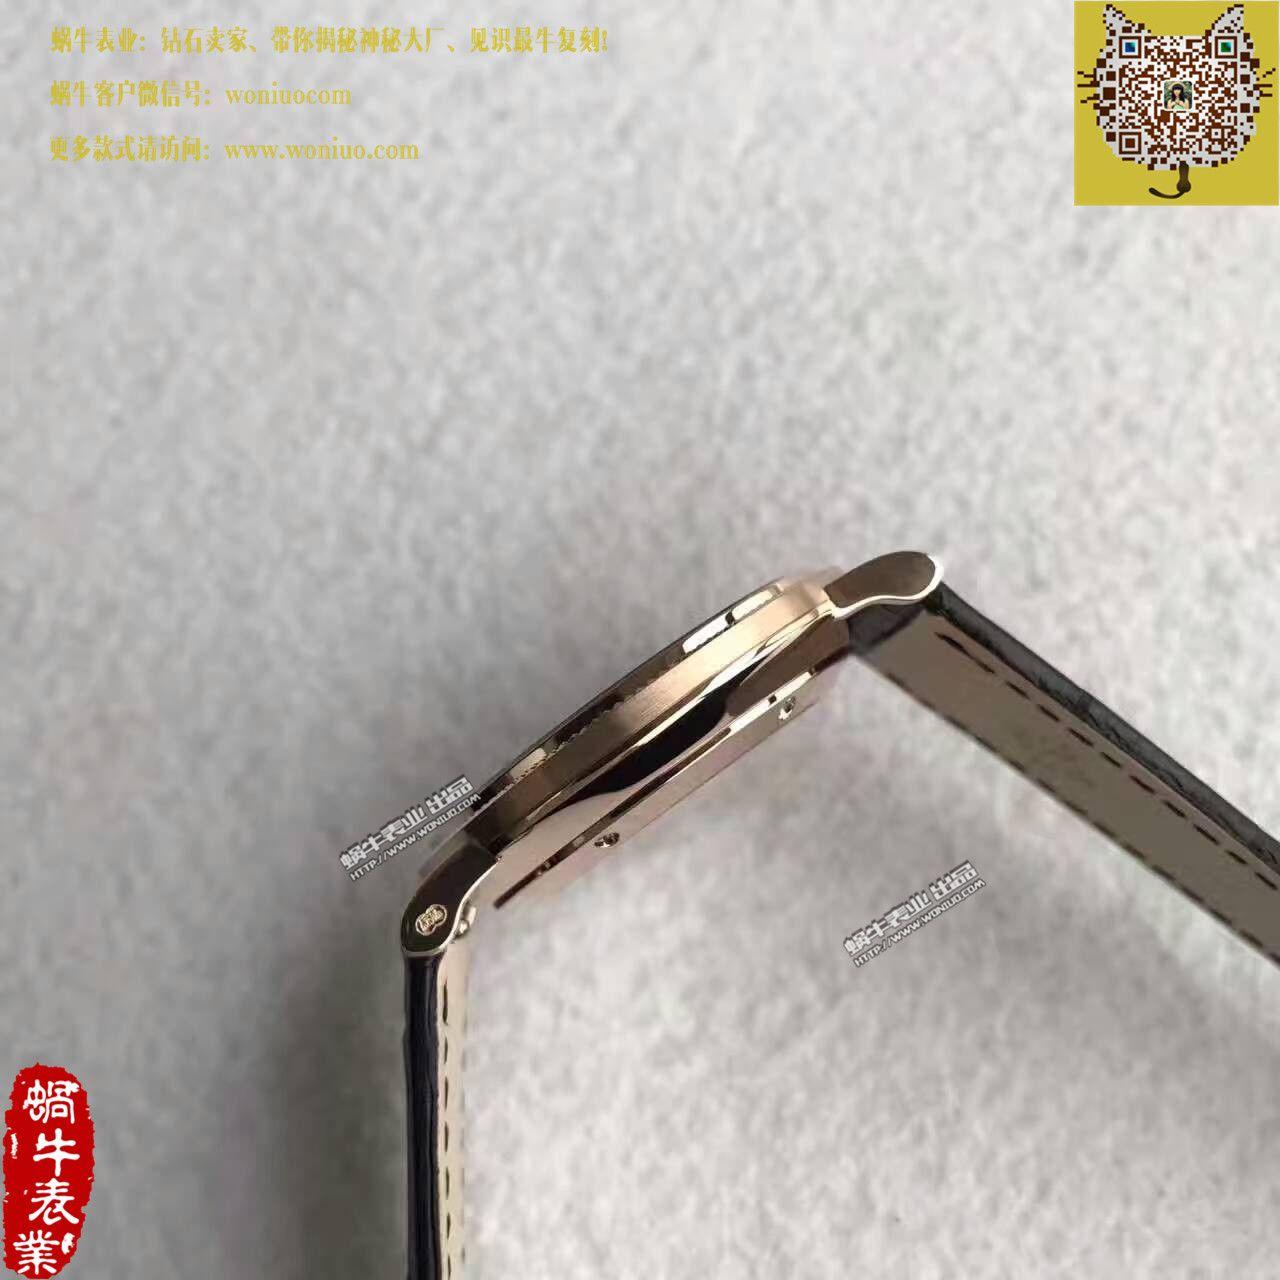 【台湾厂一比一超A高仿手表】百达翡丽古典表系列5119R-001腕表 / BD207